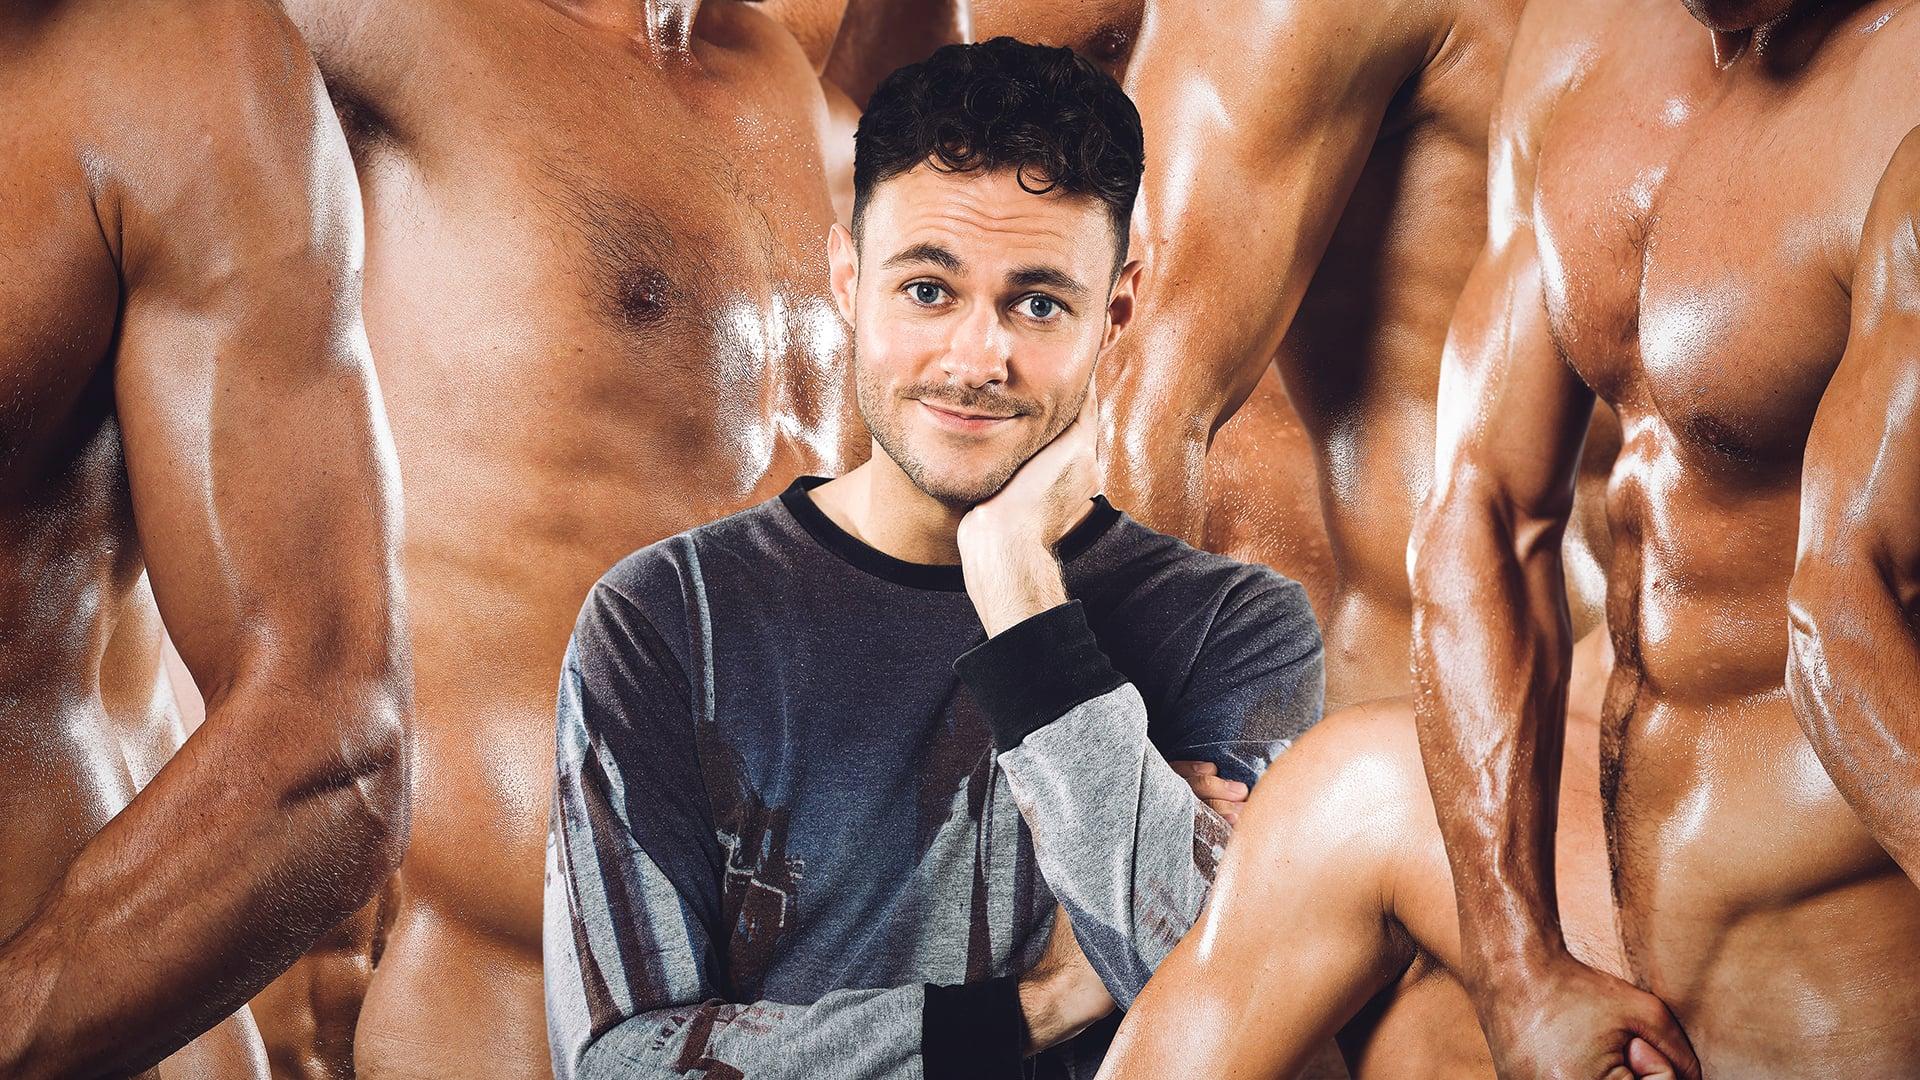 Eroottista hierontaa gay helsinki asennot kuvina